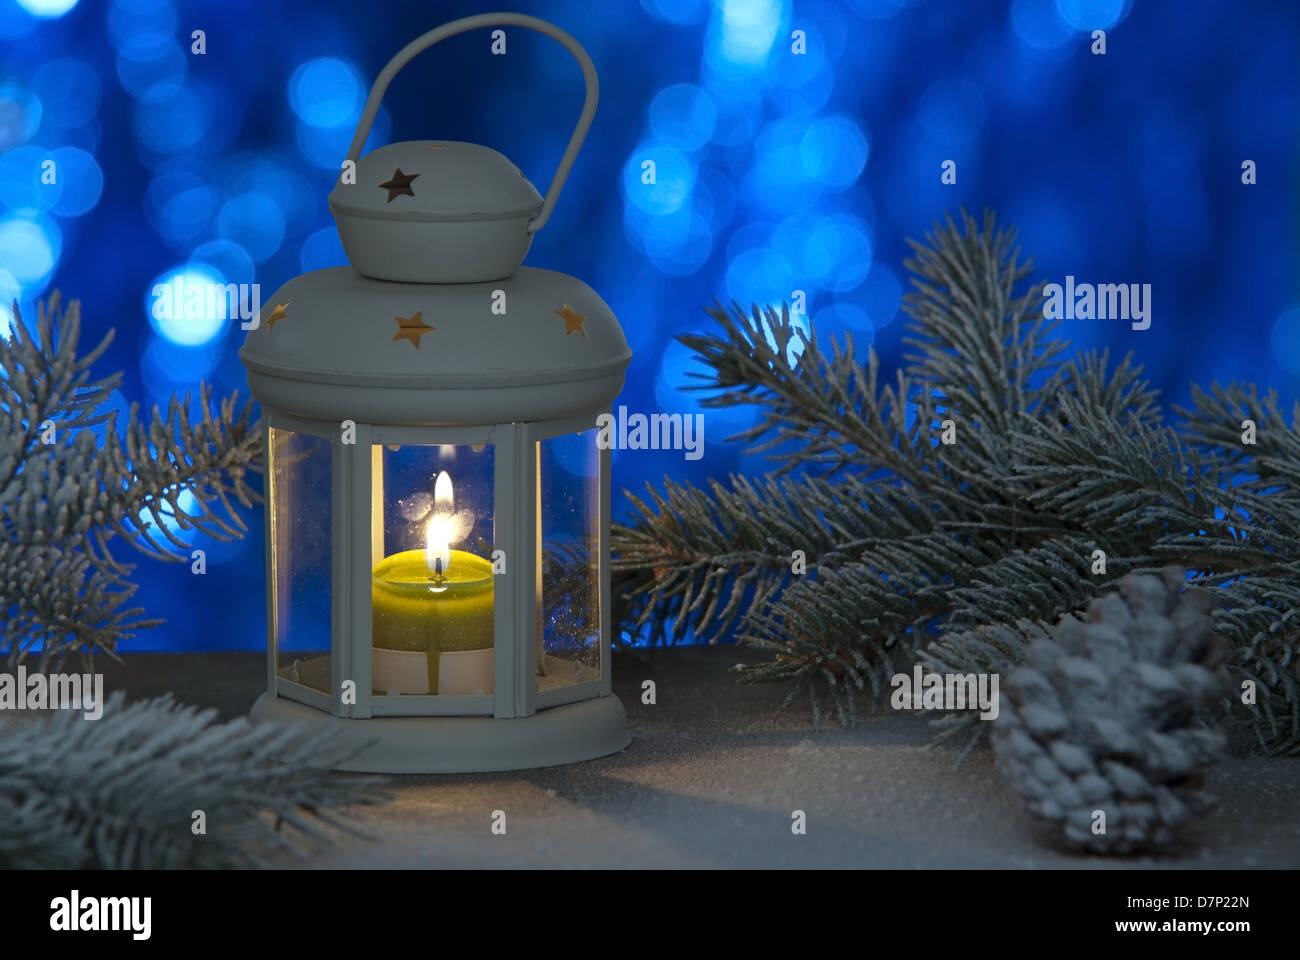 Weihnachten Laterne Stockbild